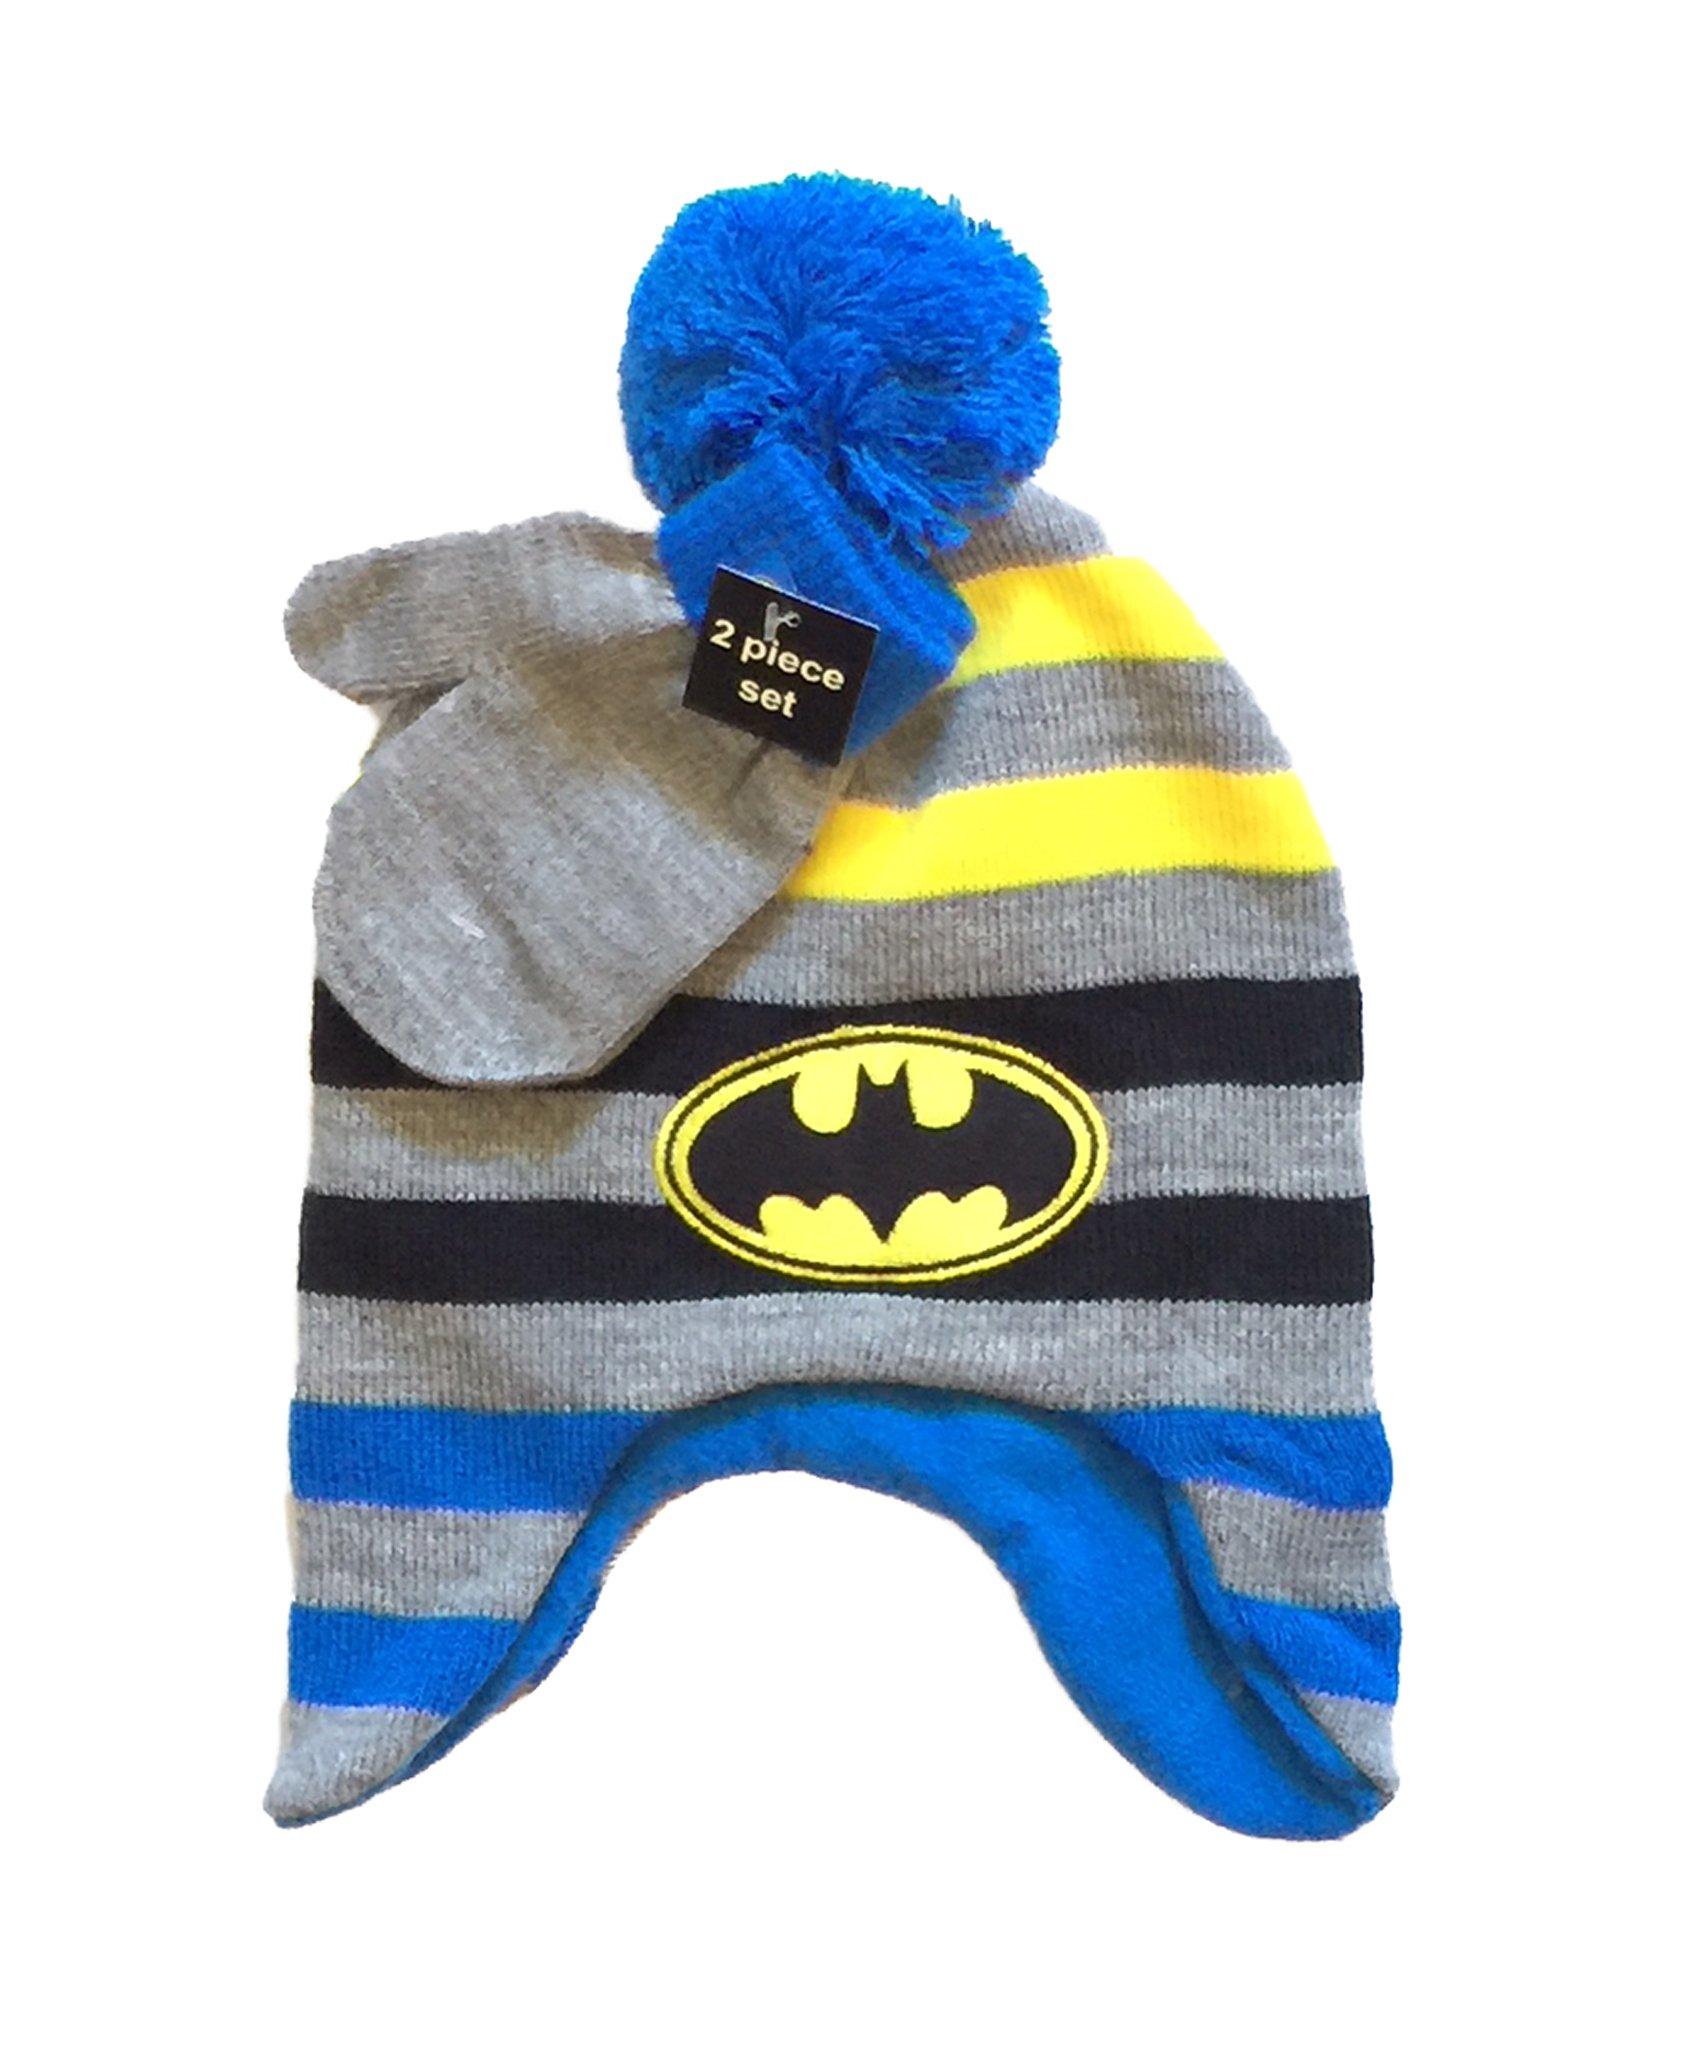 wholesale dealer 6a6dd f97c7 Men s Batman Knit Beanie Hat. Get Quotations · DC Comics Batman Little Boys Beanie  Hat   Mitten Set